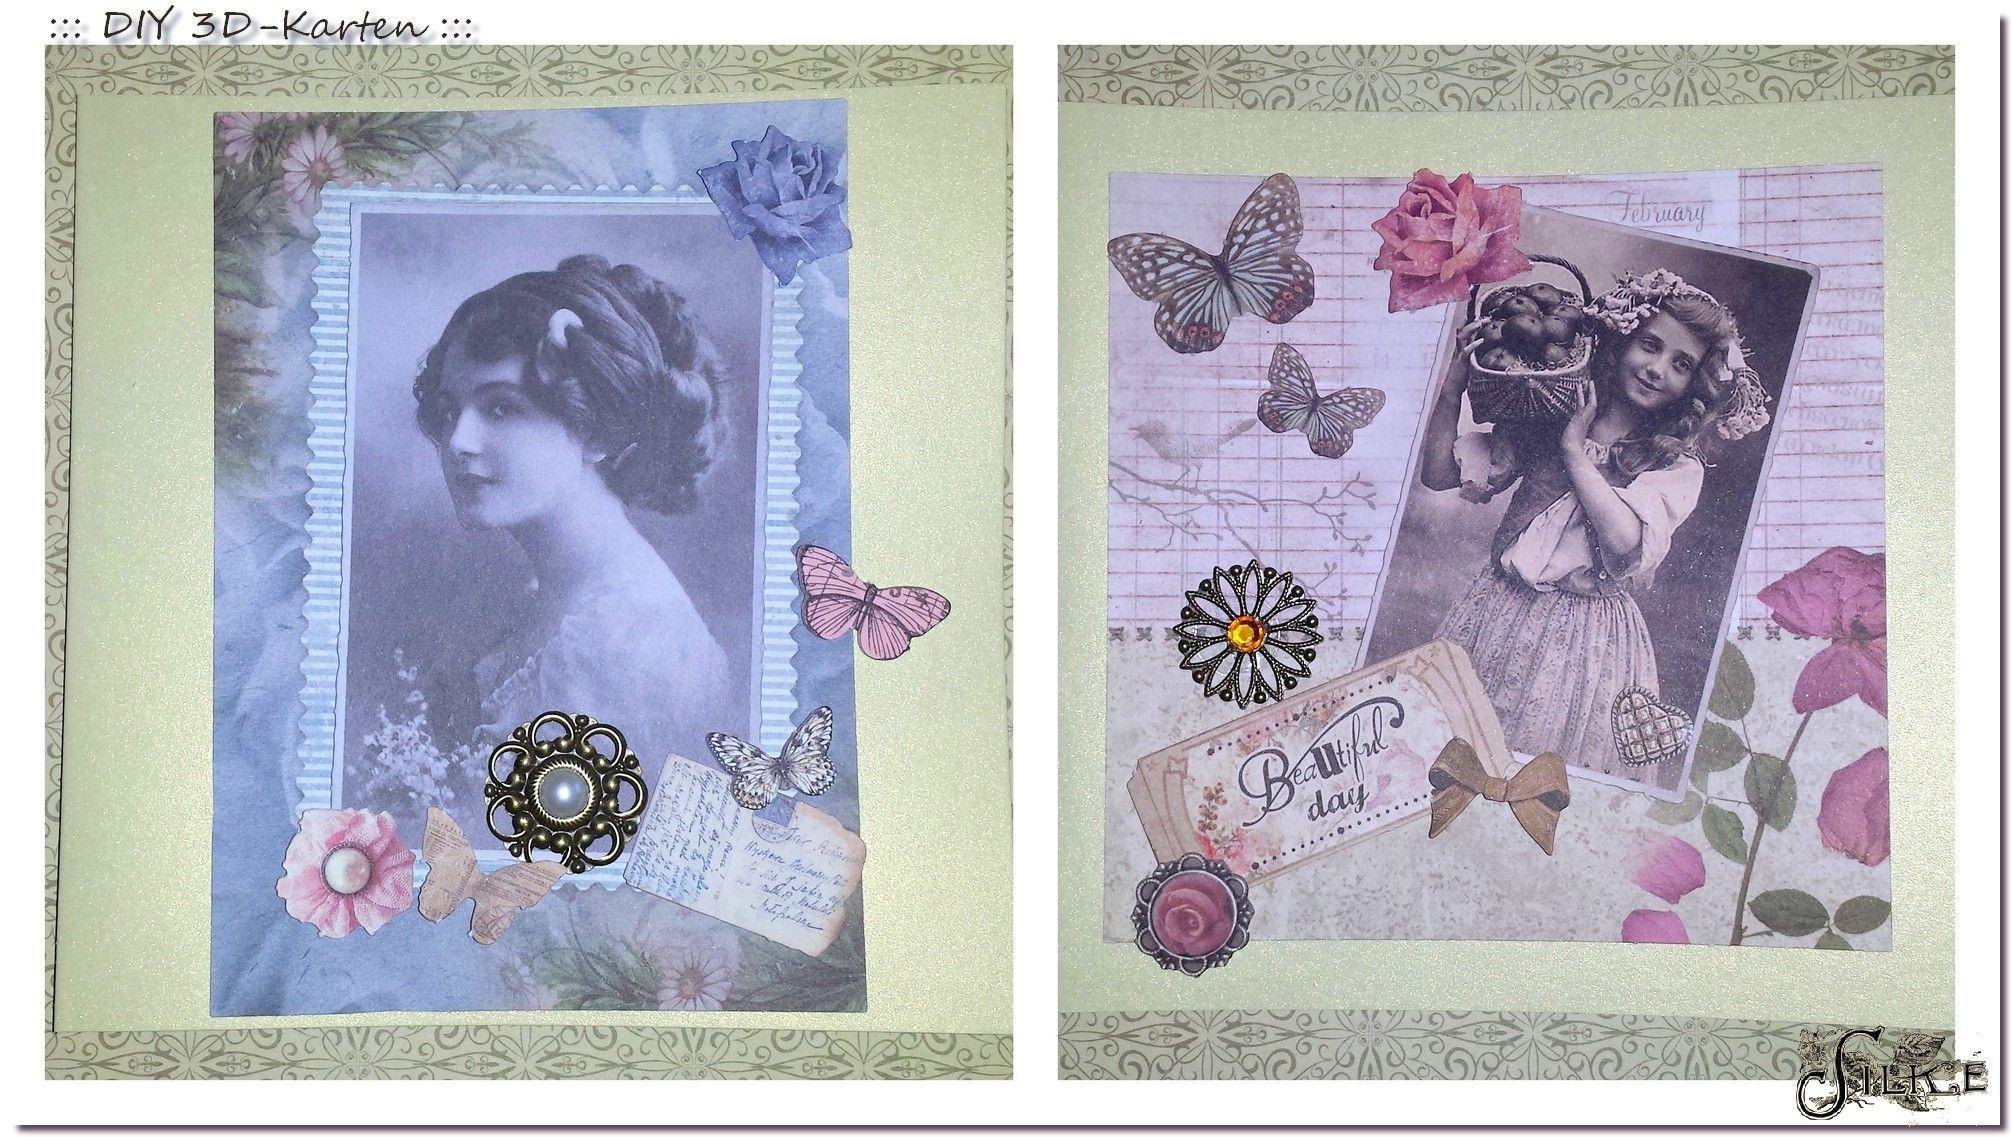 Neue 3D Karten im Vintage-Style für die Mädels